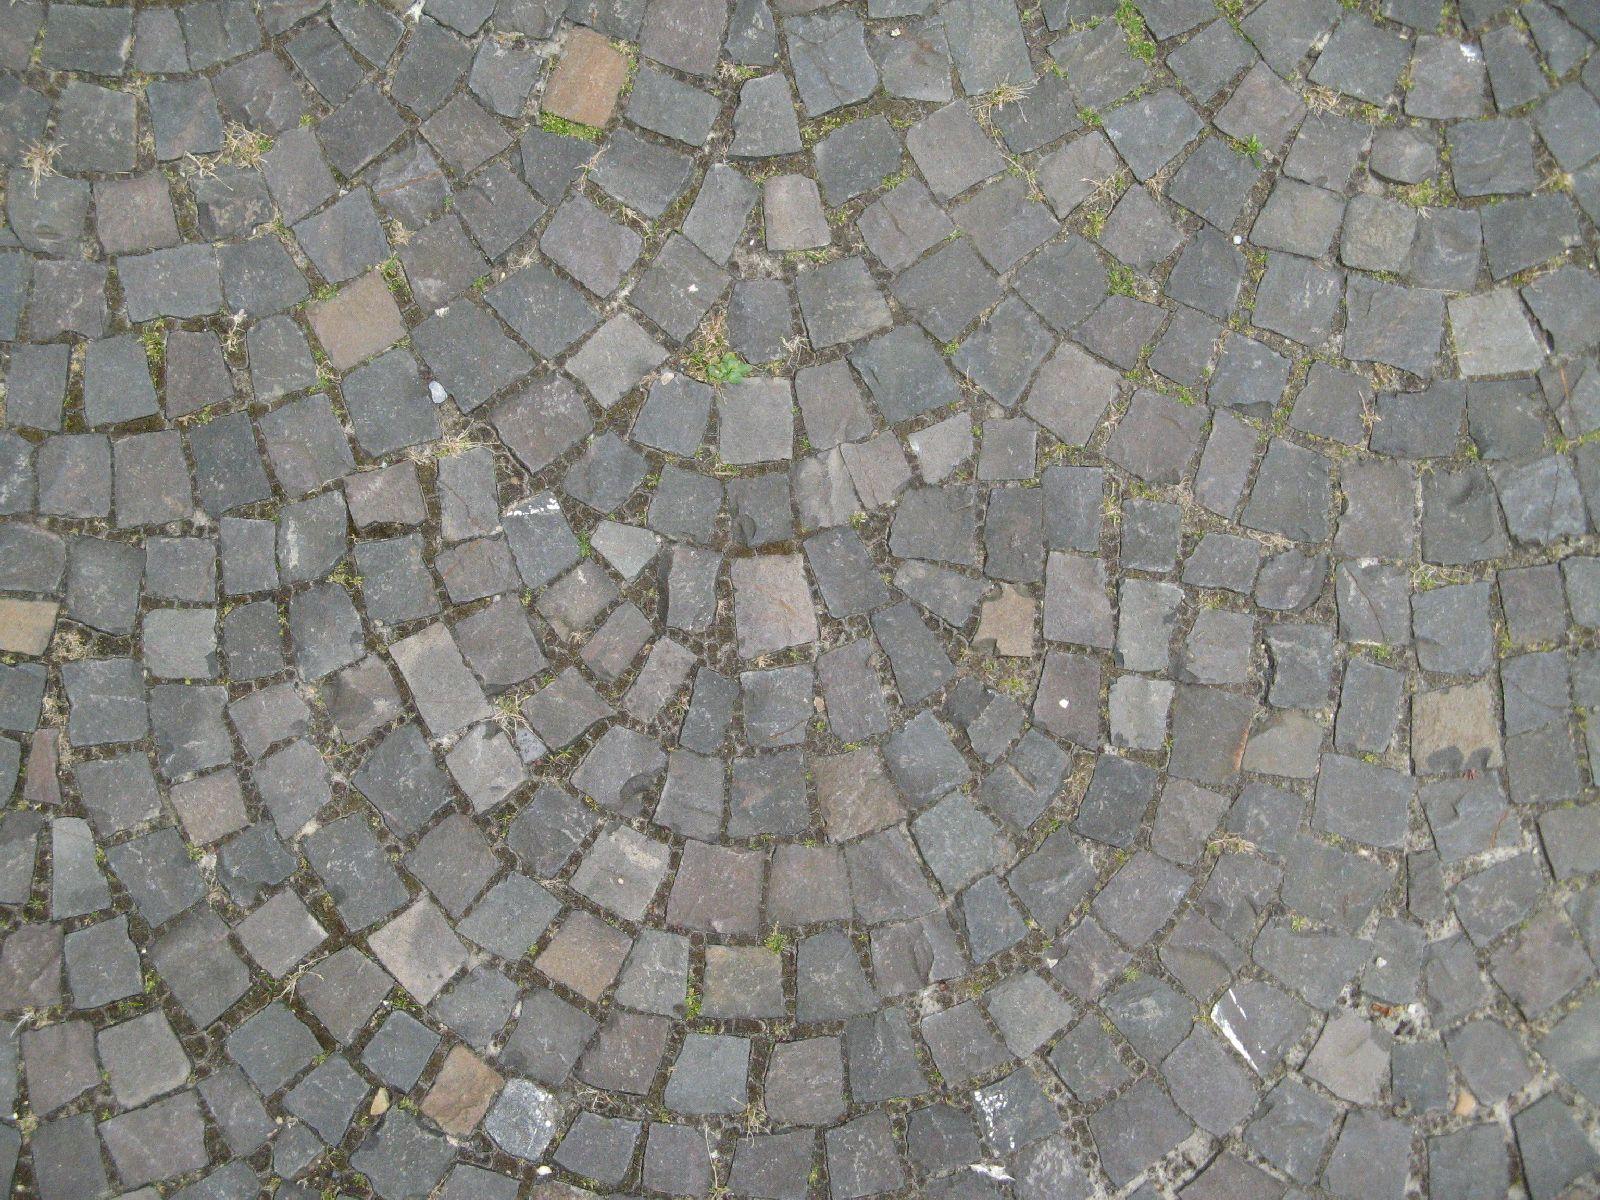 Ground-Urban_Texture_B_00710